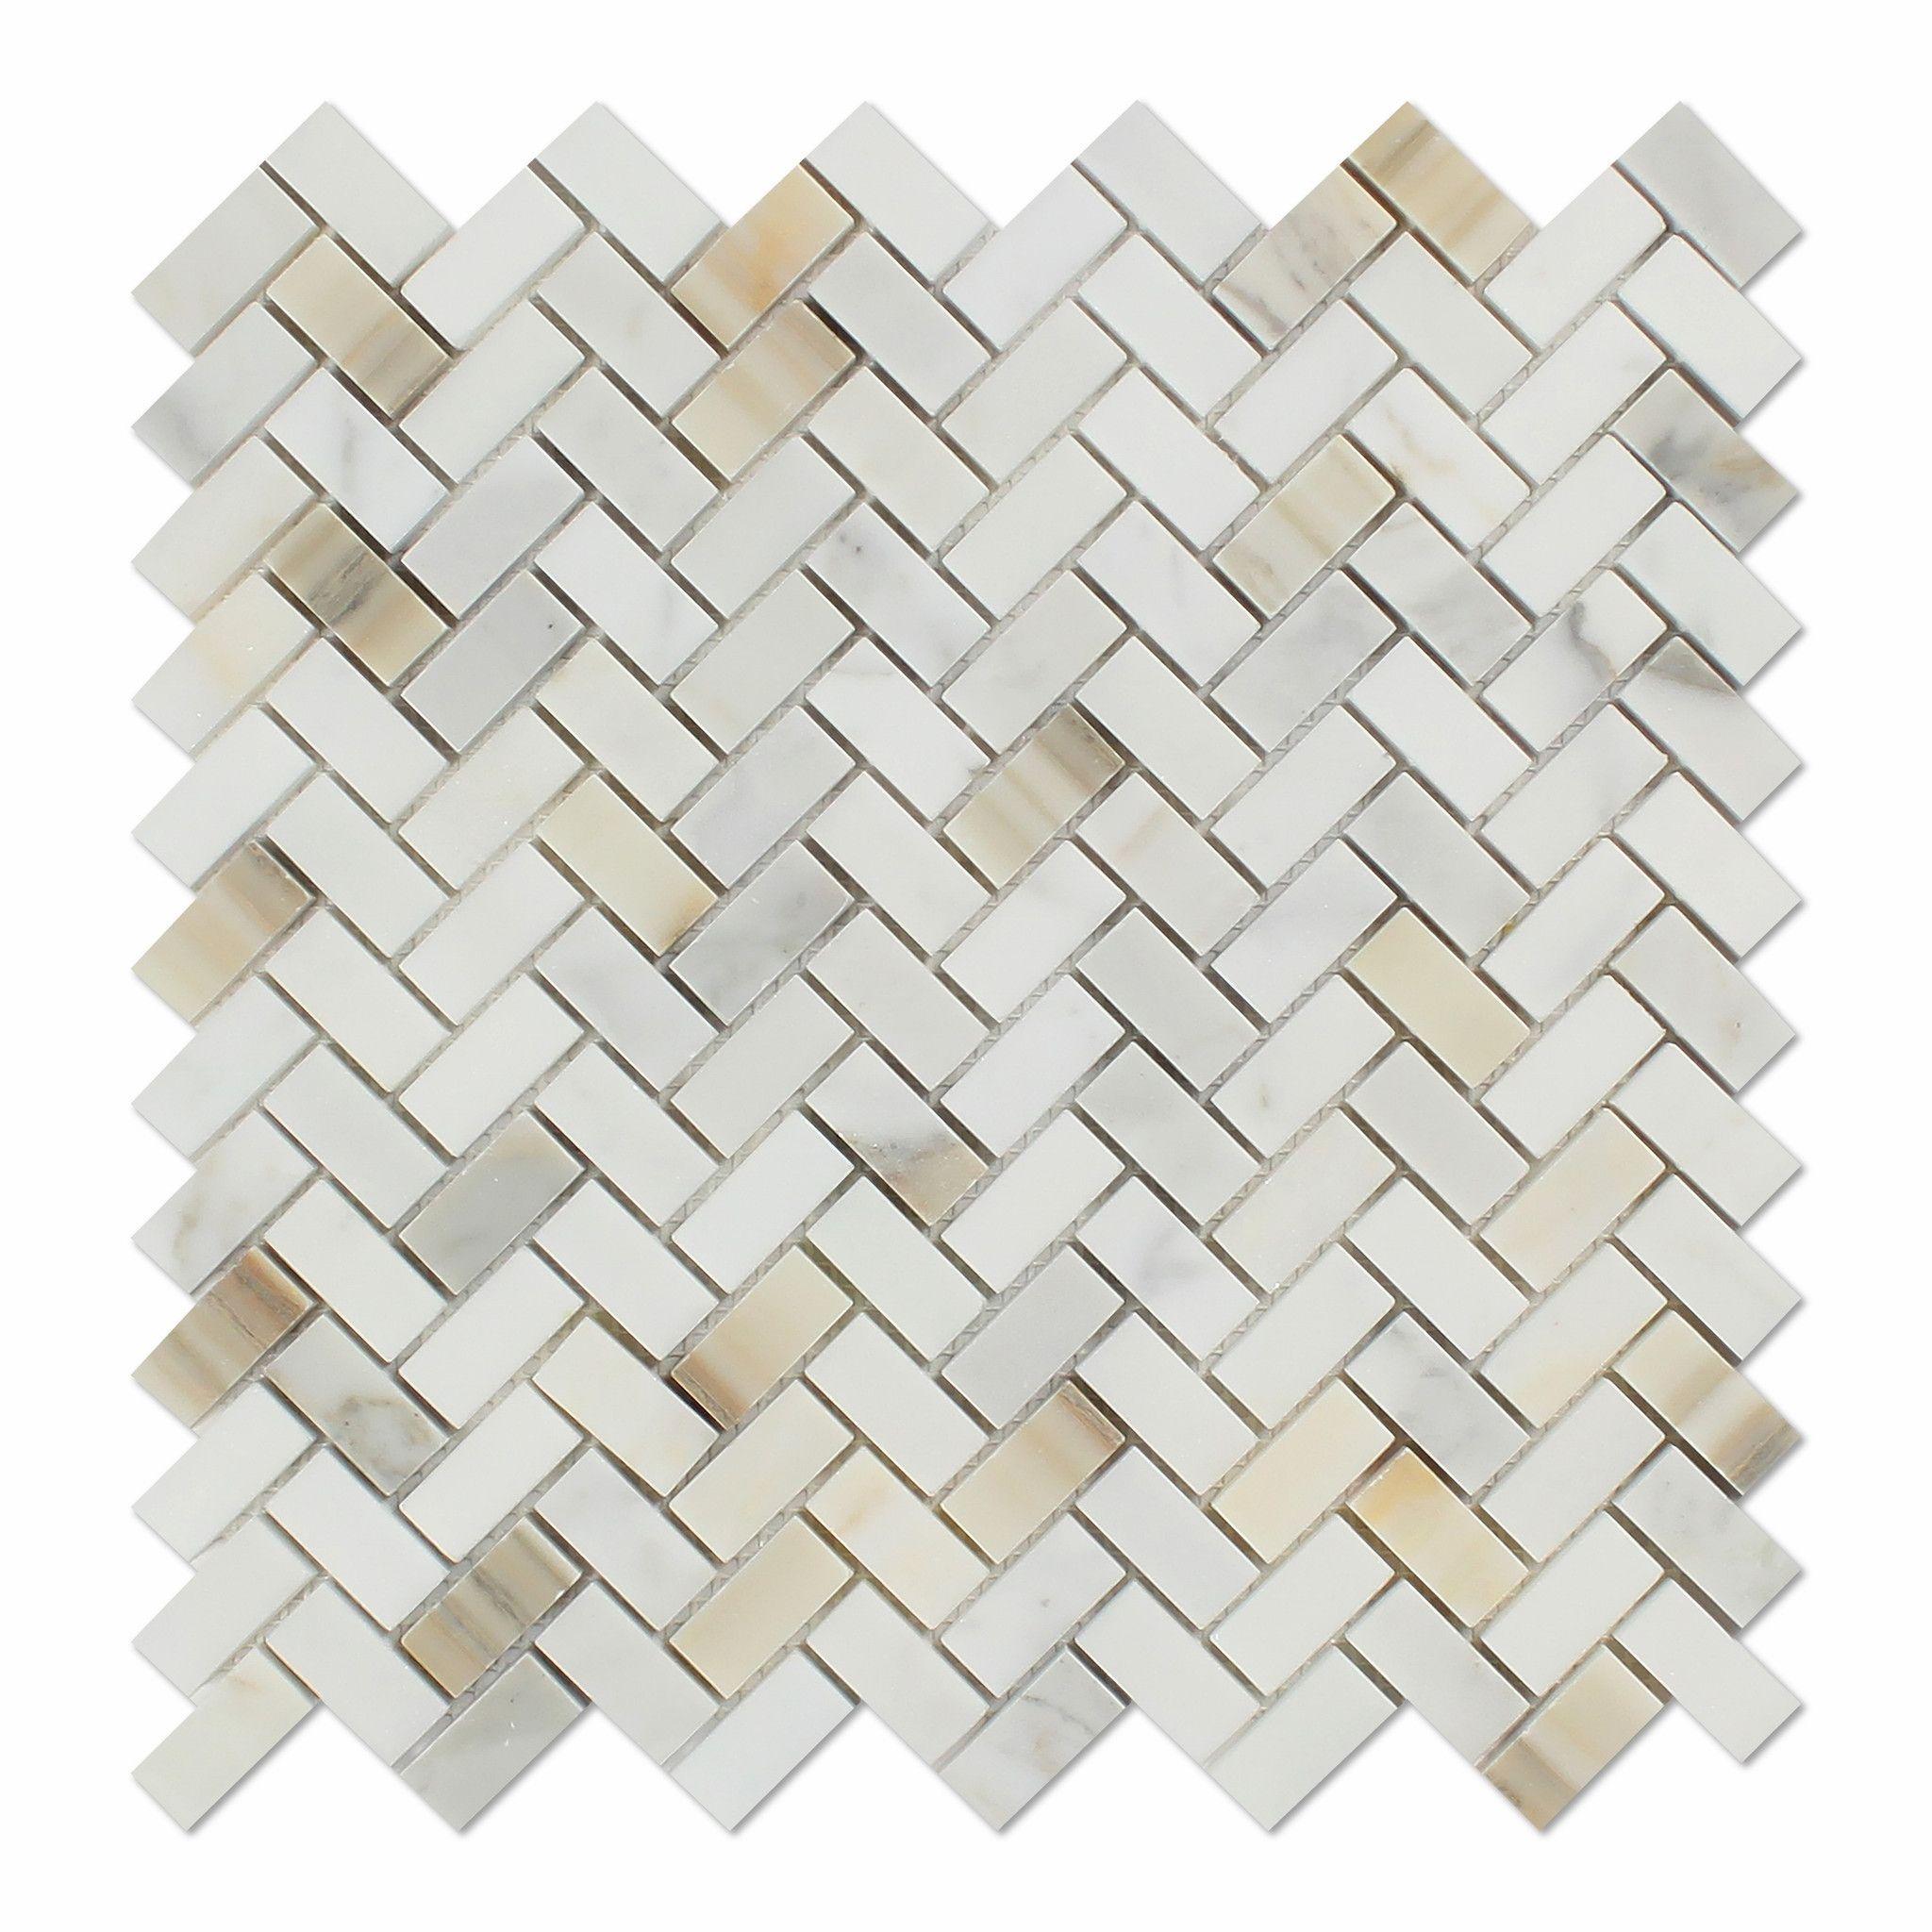 Calacatta Gold Marble Polished Mini Herringbone Mosaic